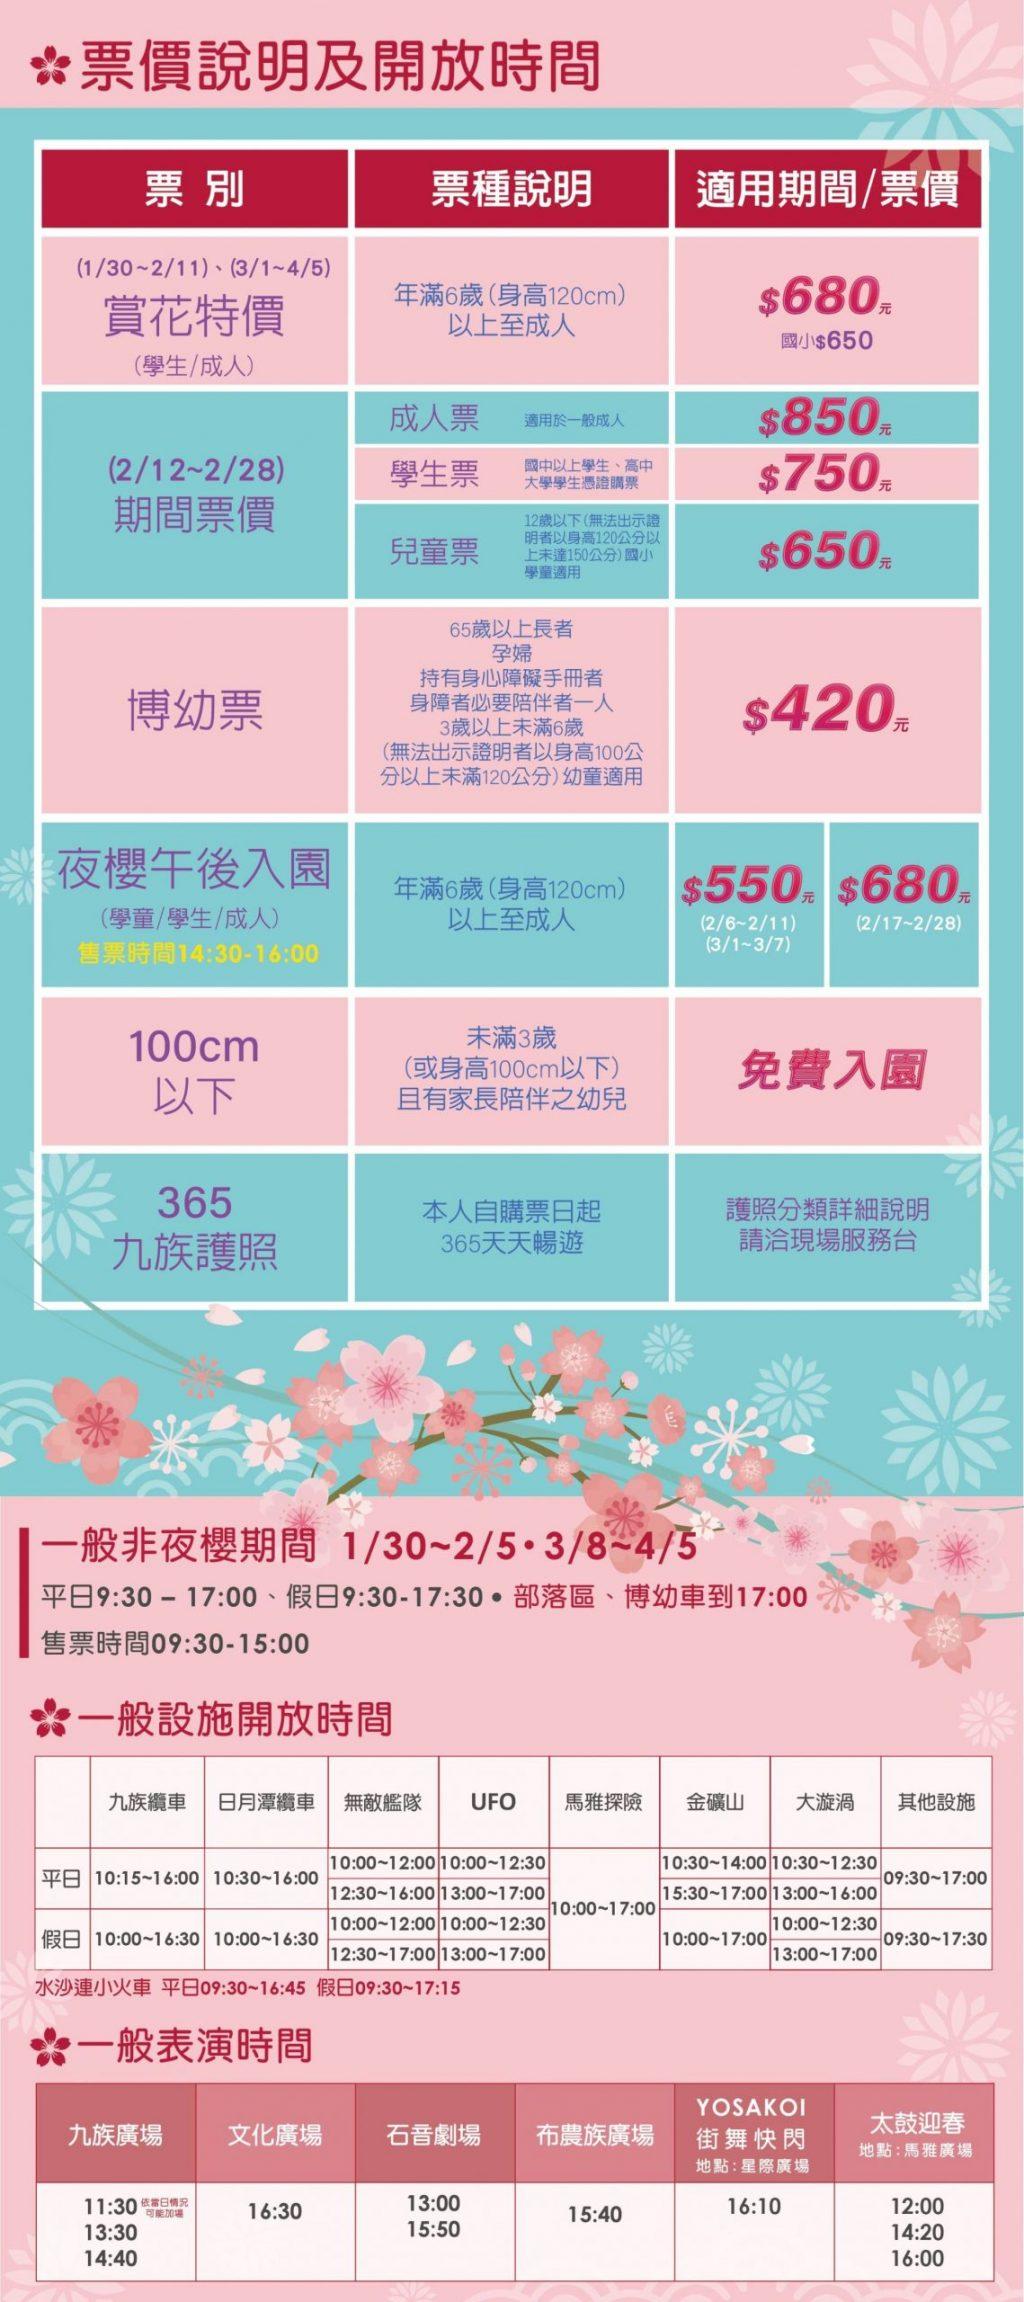 【南投魚池】2021九族文化村櫻花季: 唯一日本認證海外賞櫻名所,5000多株櫻花樹盛開中 @飛天璇的口袋